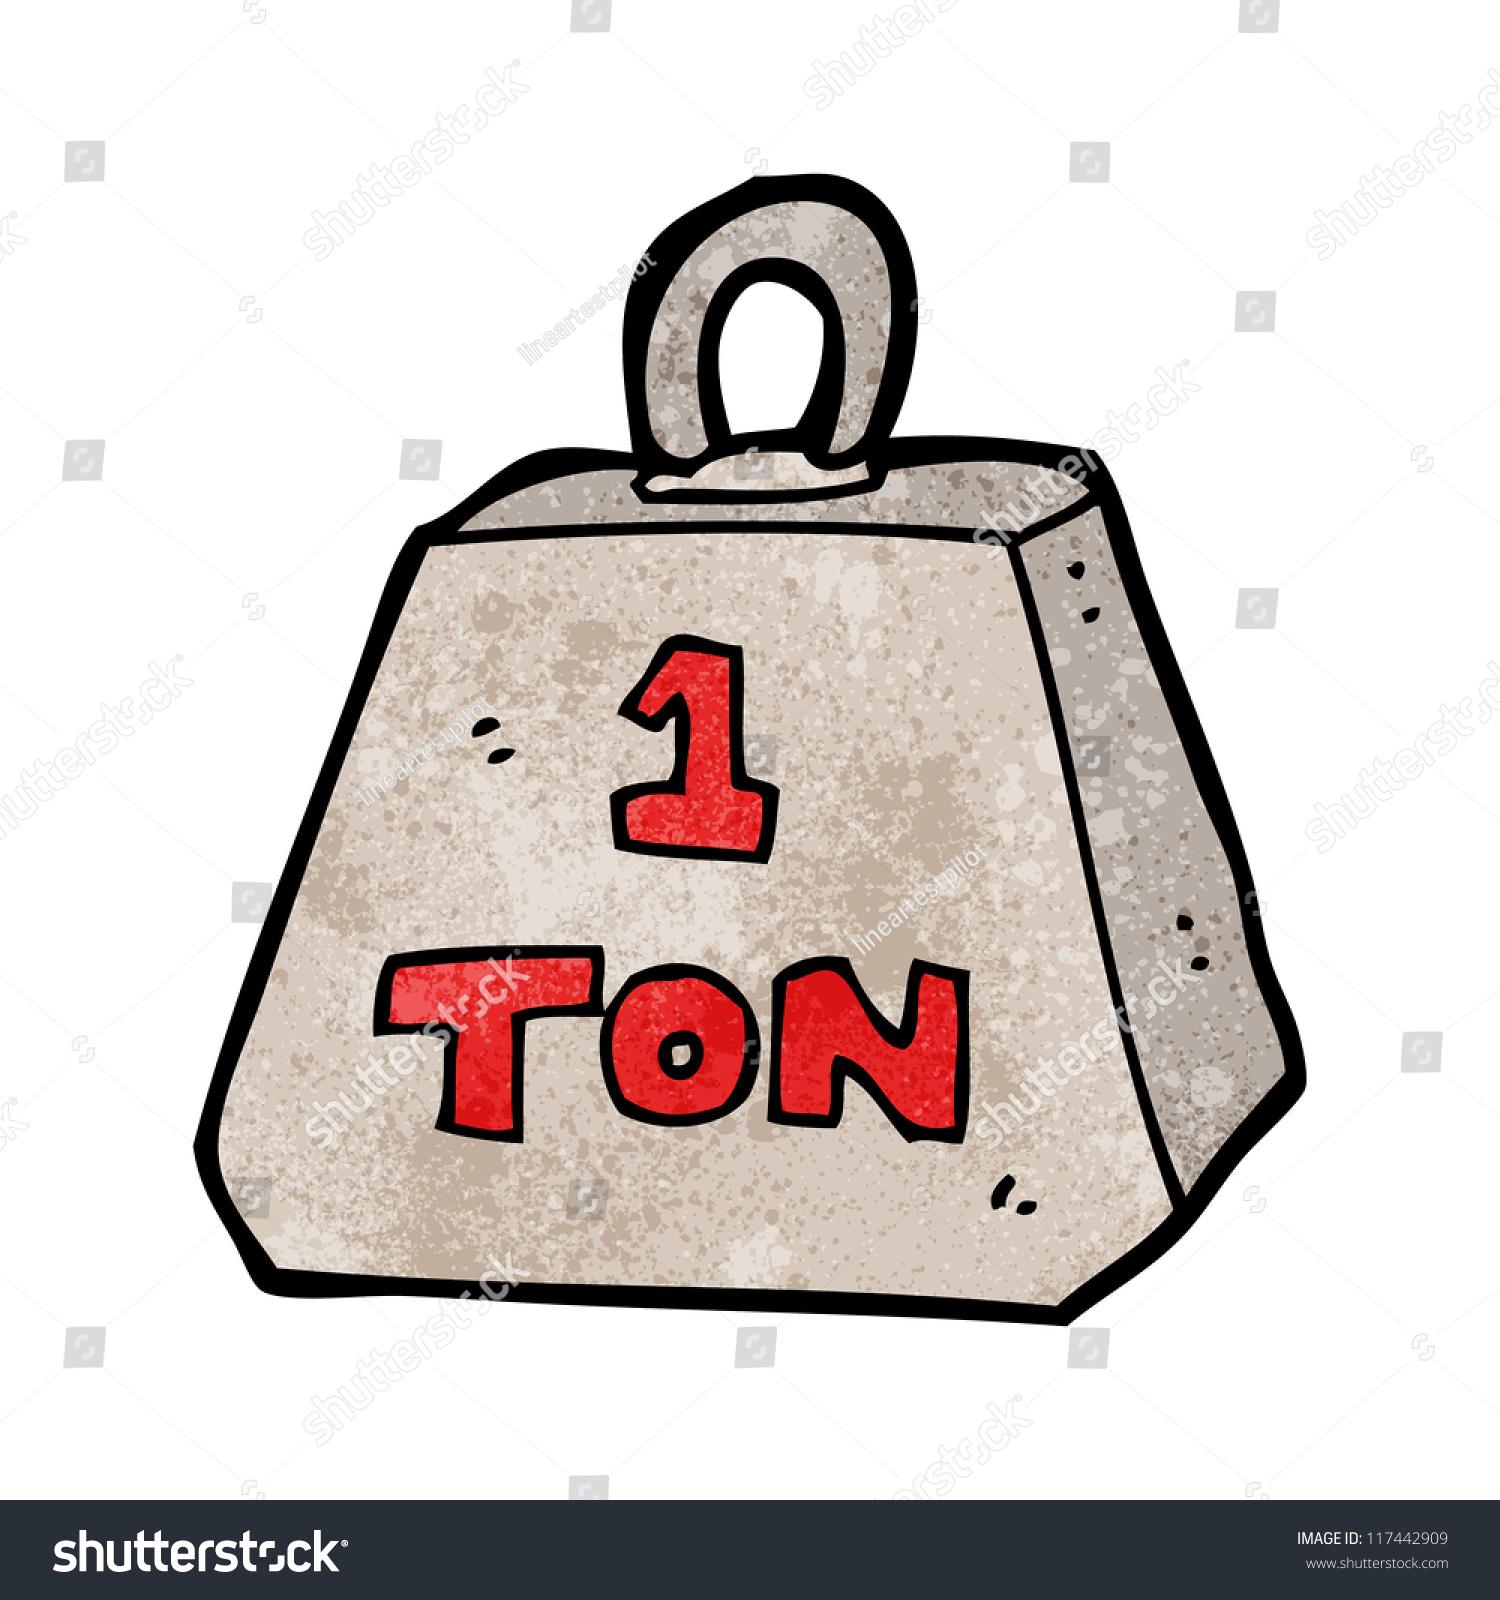 El juego de las palabras encadenadas-https://image.shutterstock.com/z/stock-vector-cartoon-one-ton-weight-117442909.jpg